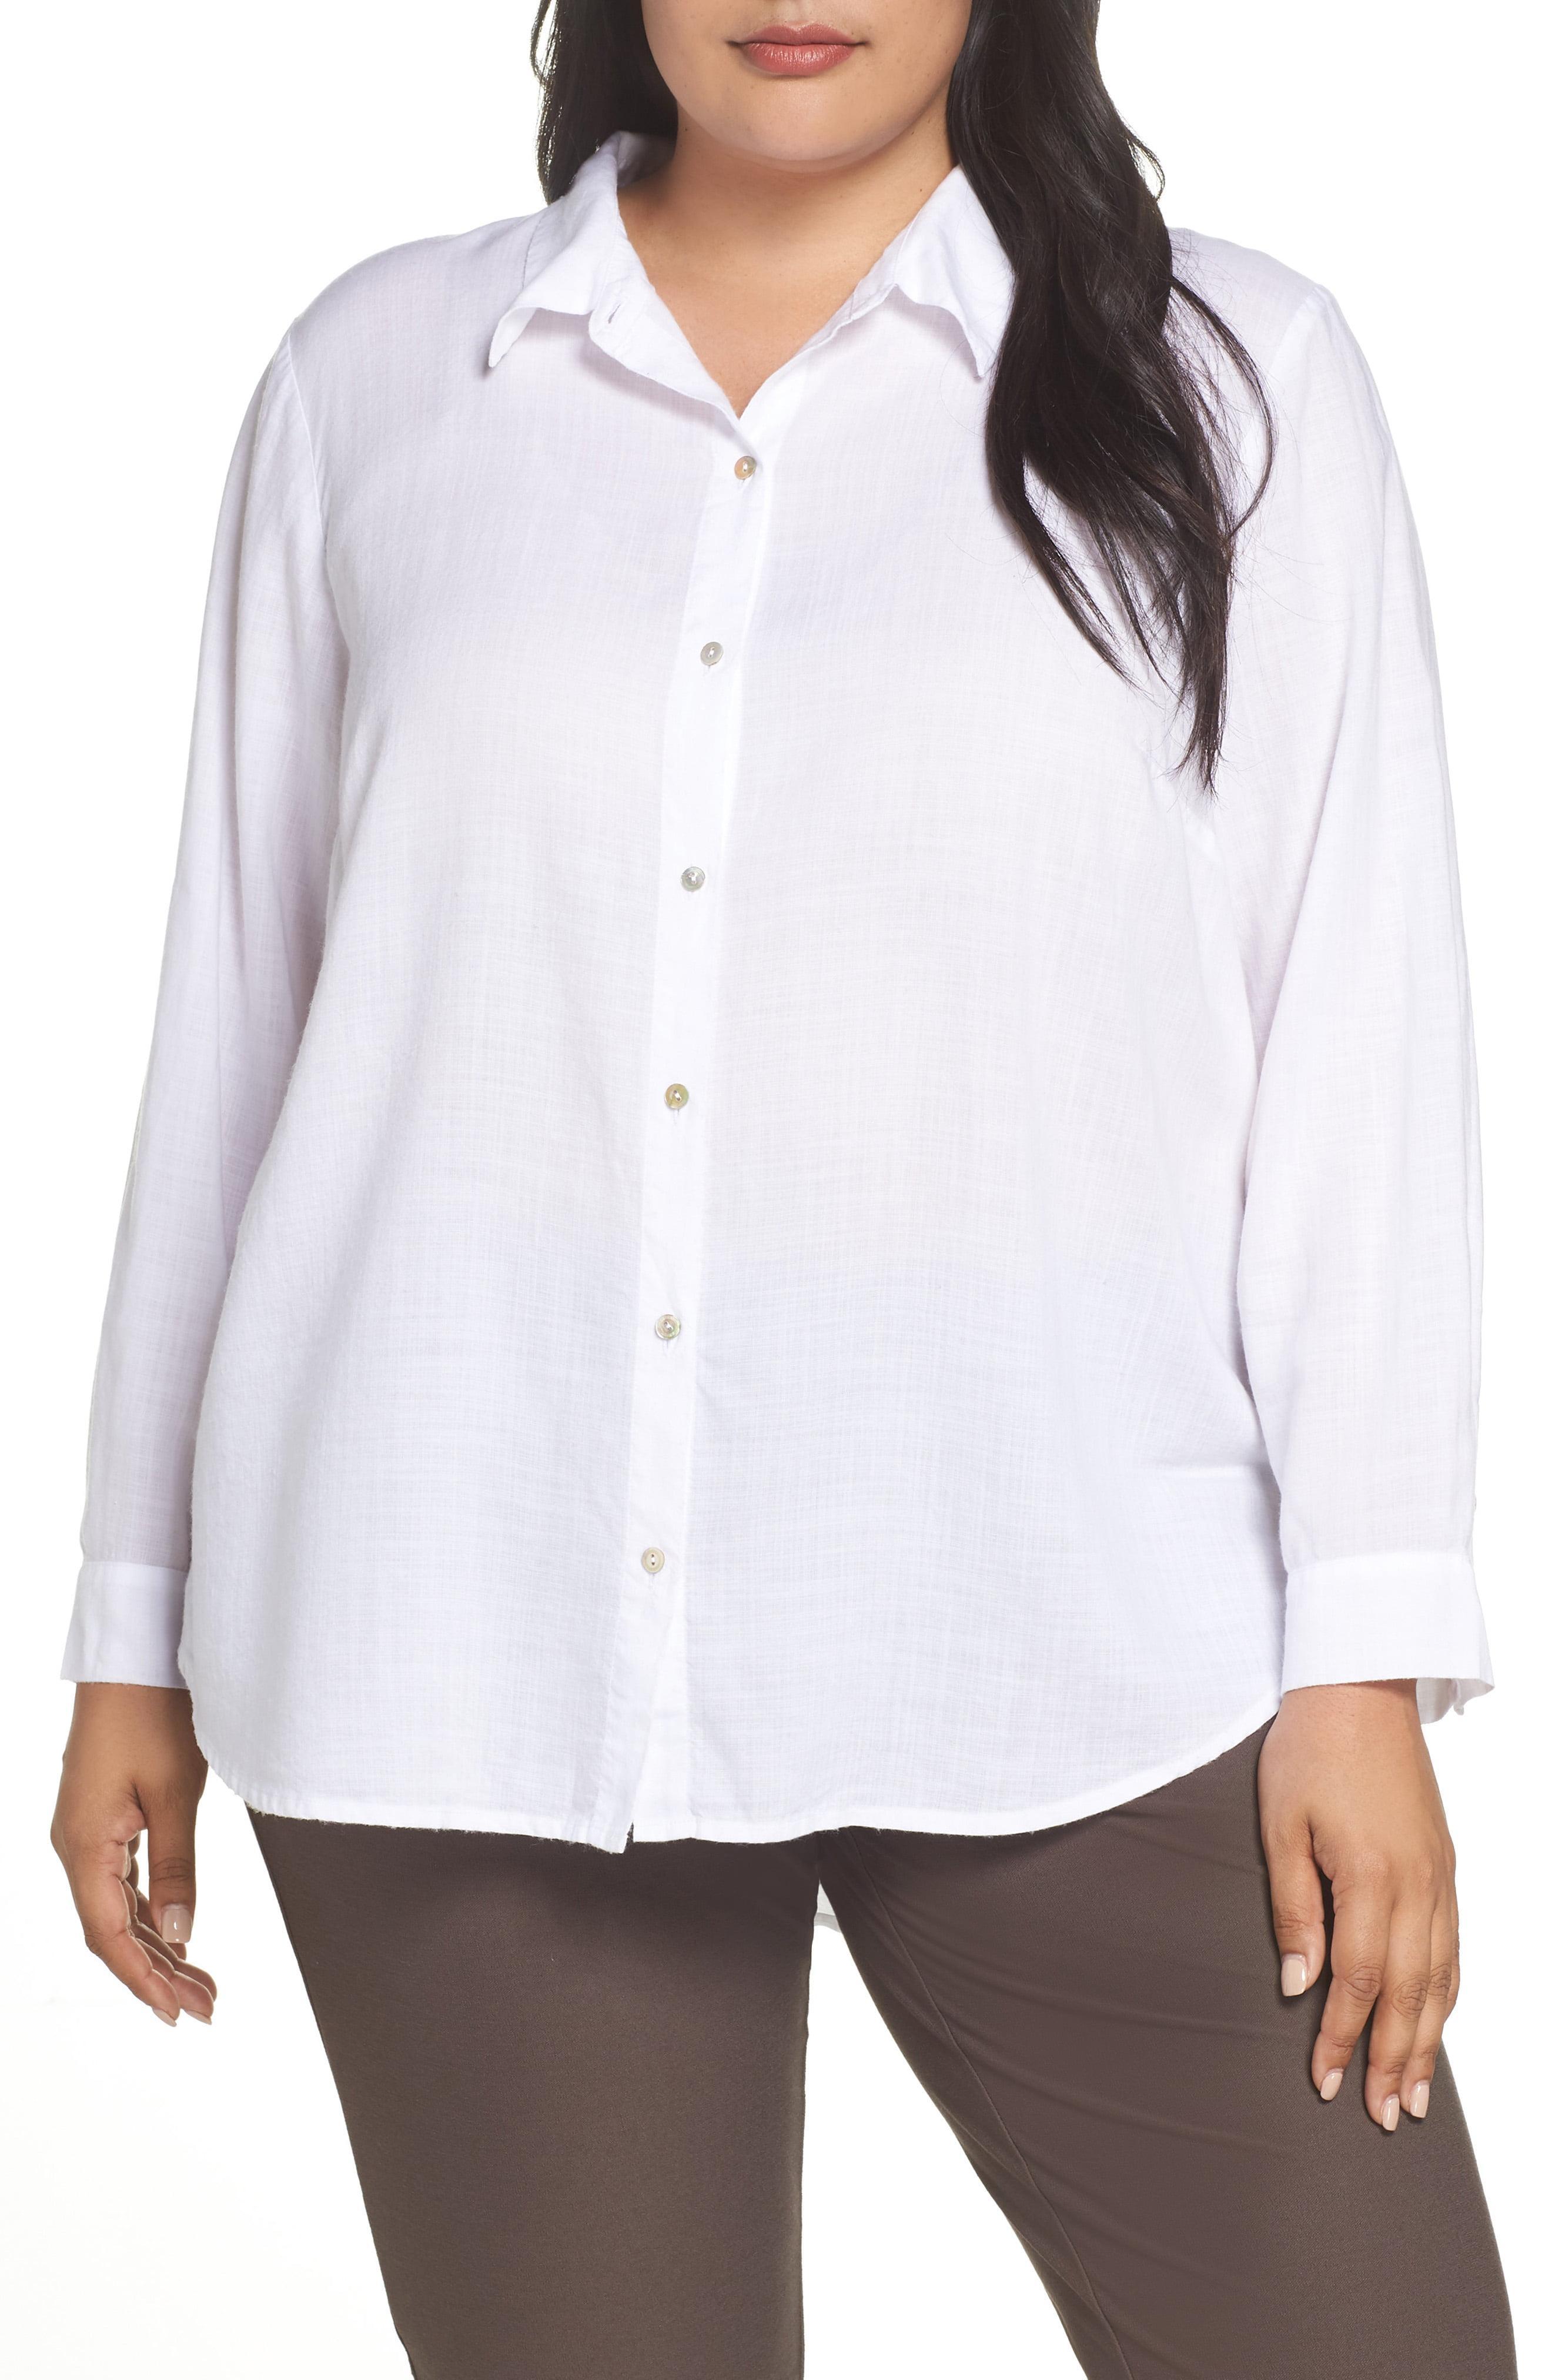 23249bde0e09d Lyst - Eileen Fisher Lyocell Shirt in White